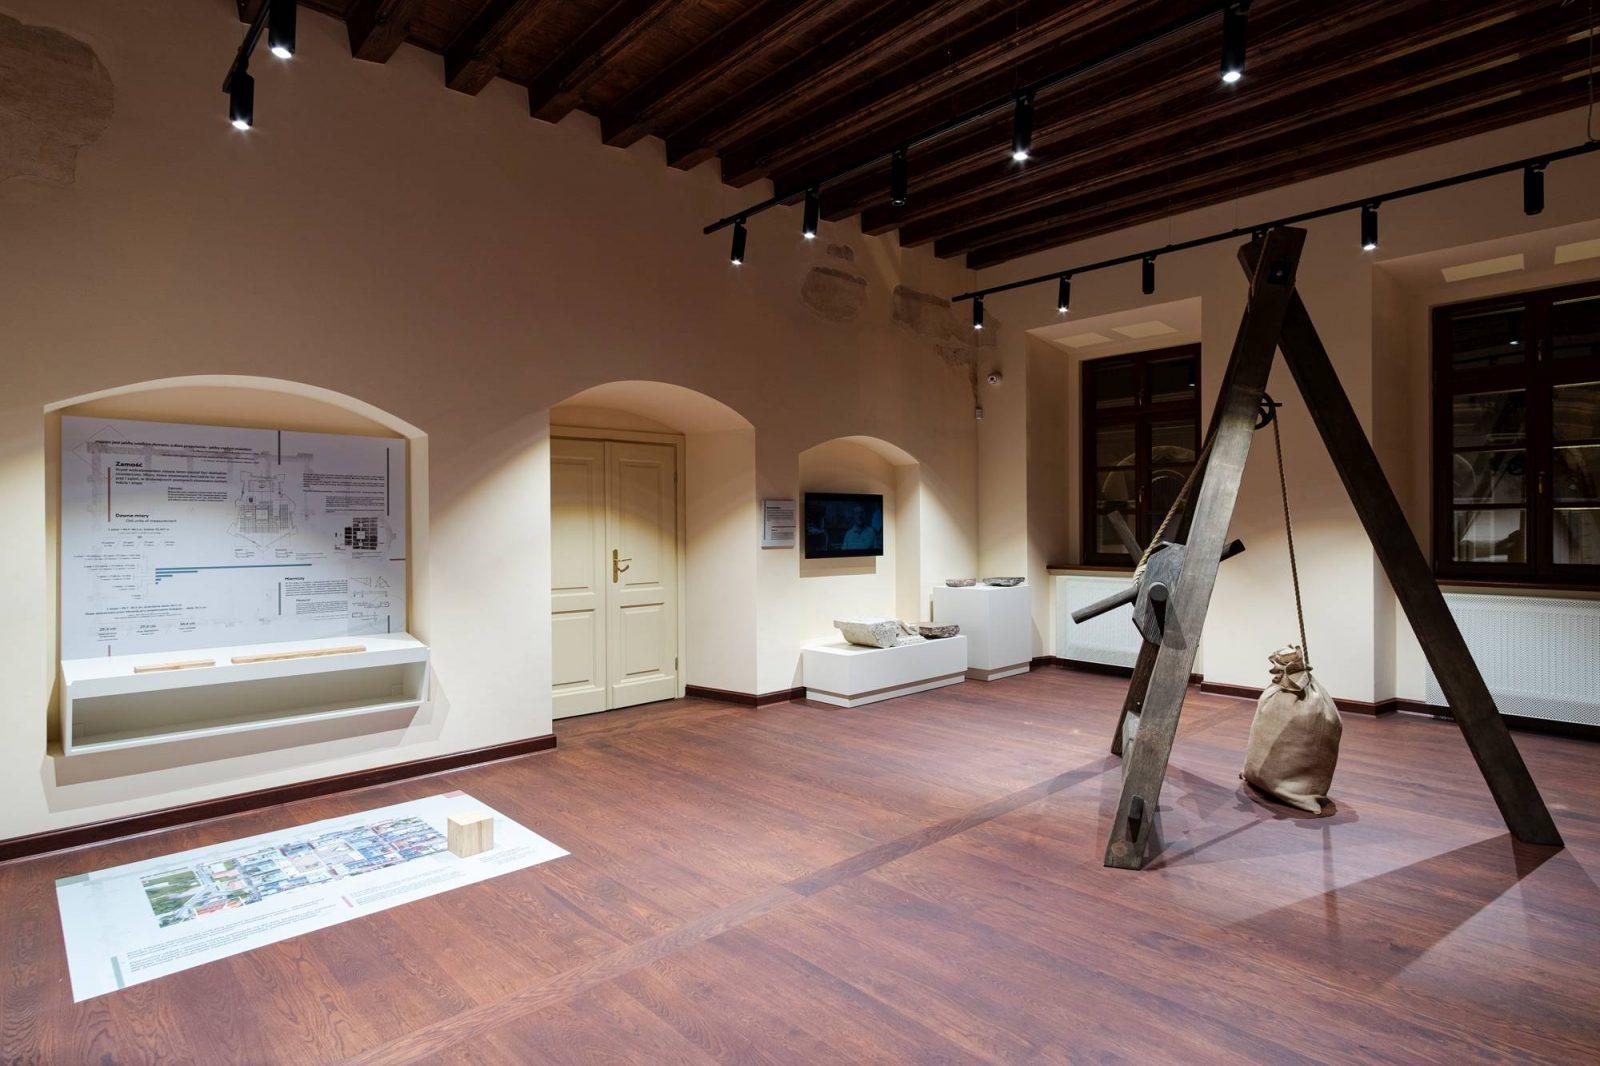 Fabrica Ecclesiae – muzeum techniki iarchitektury, Zamość, 2020